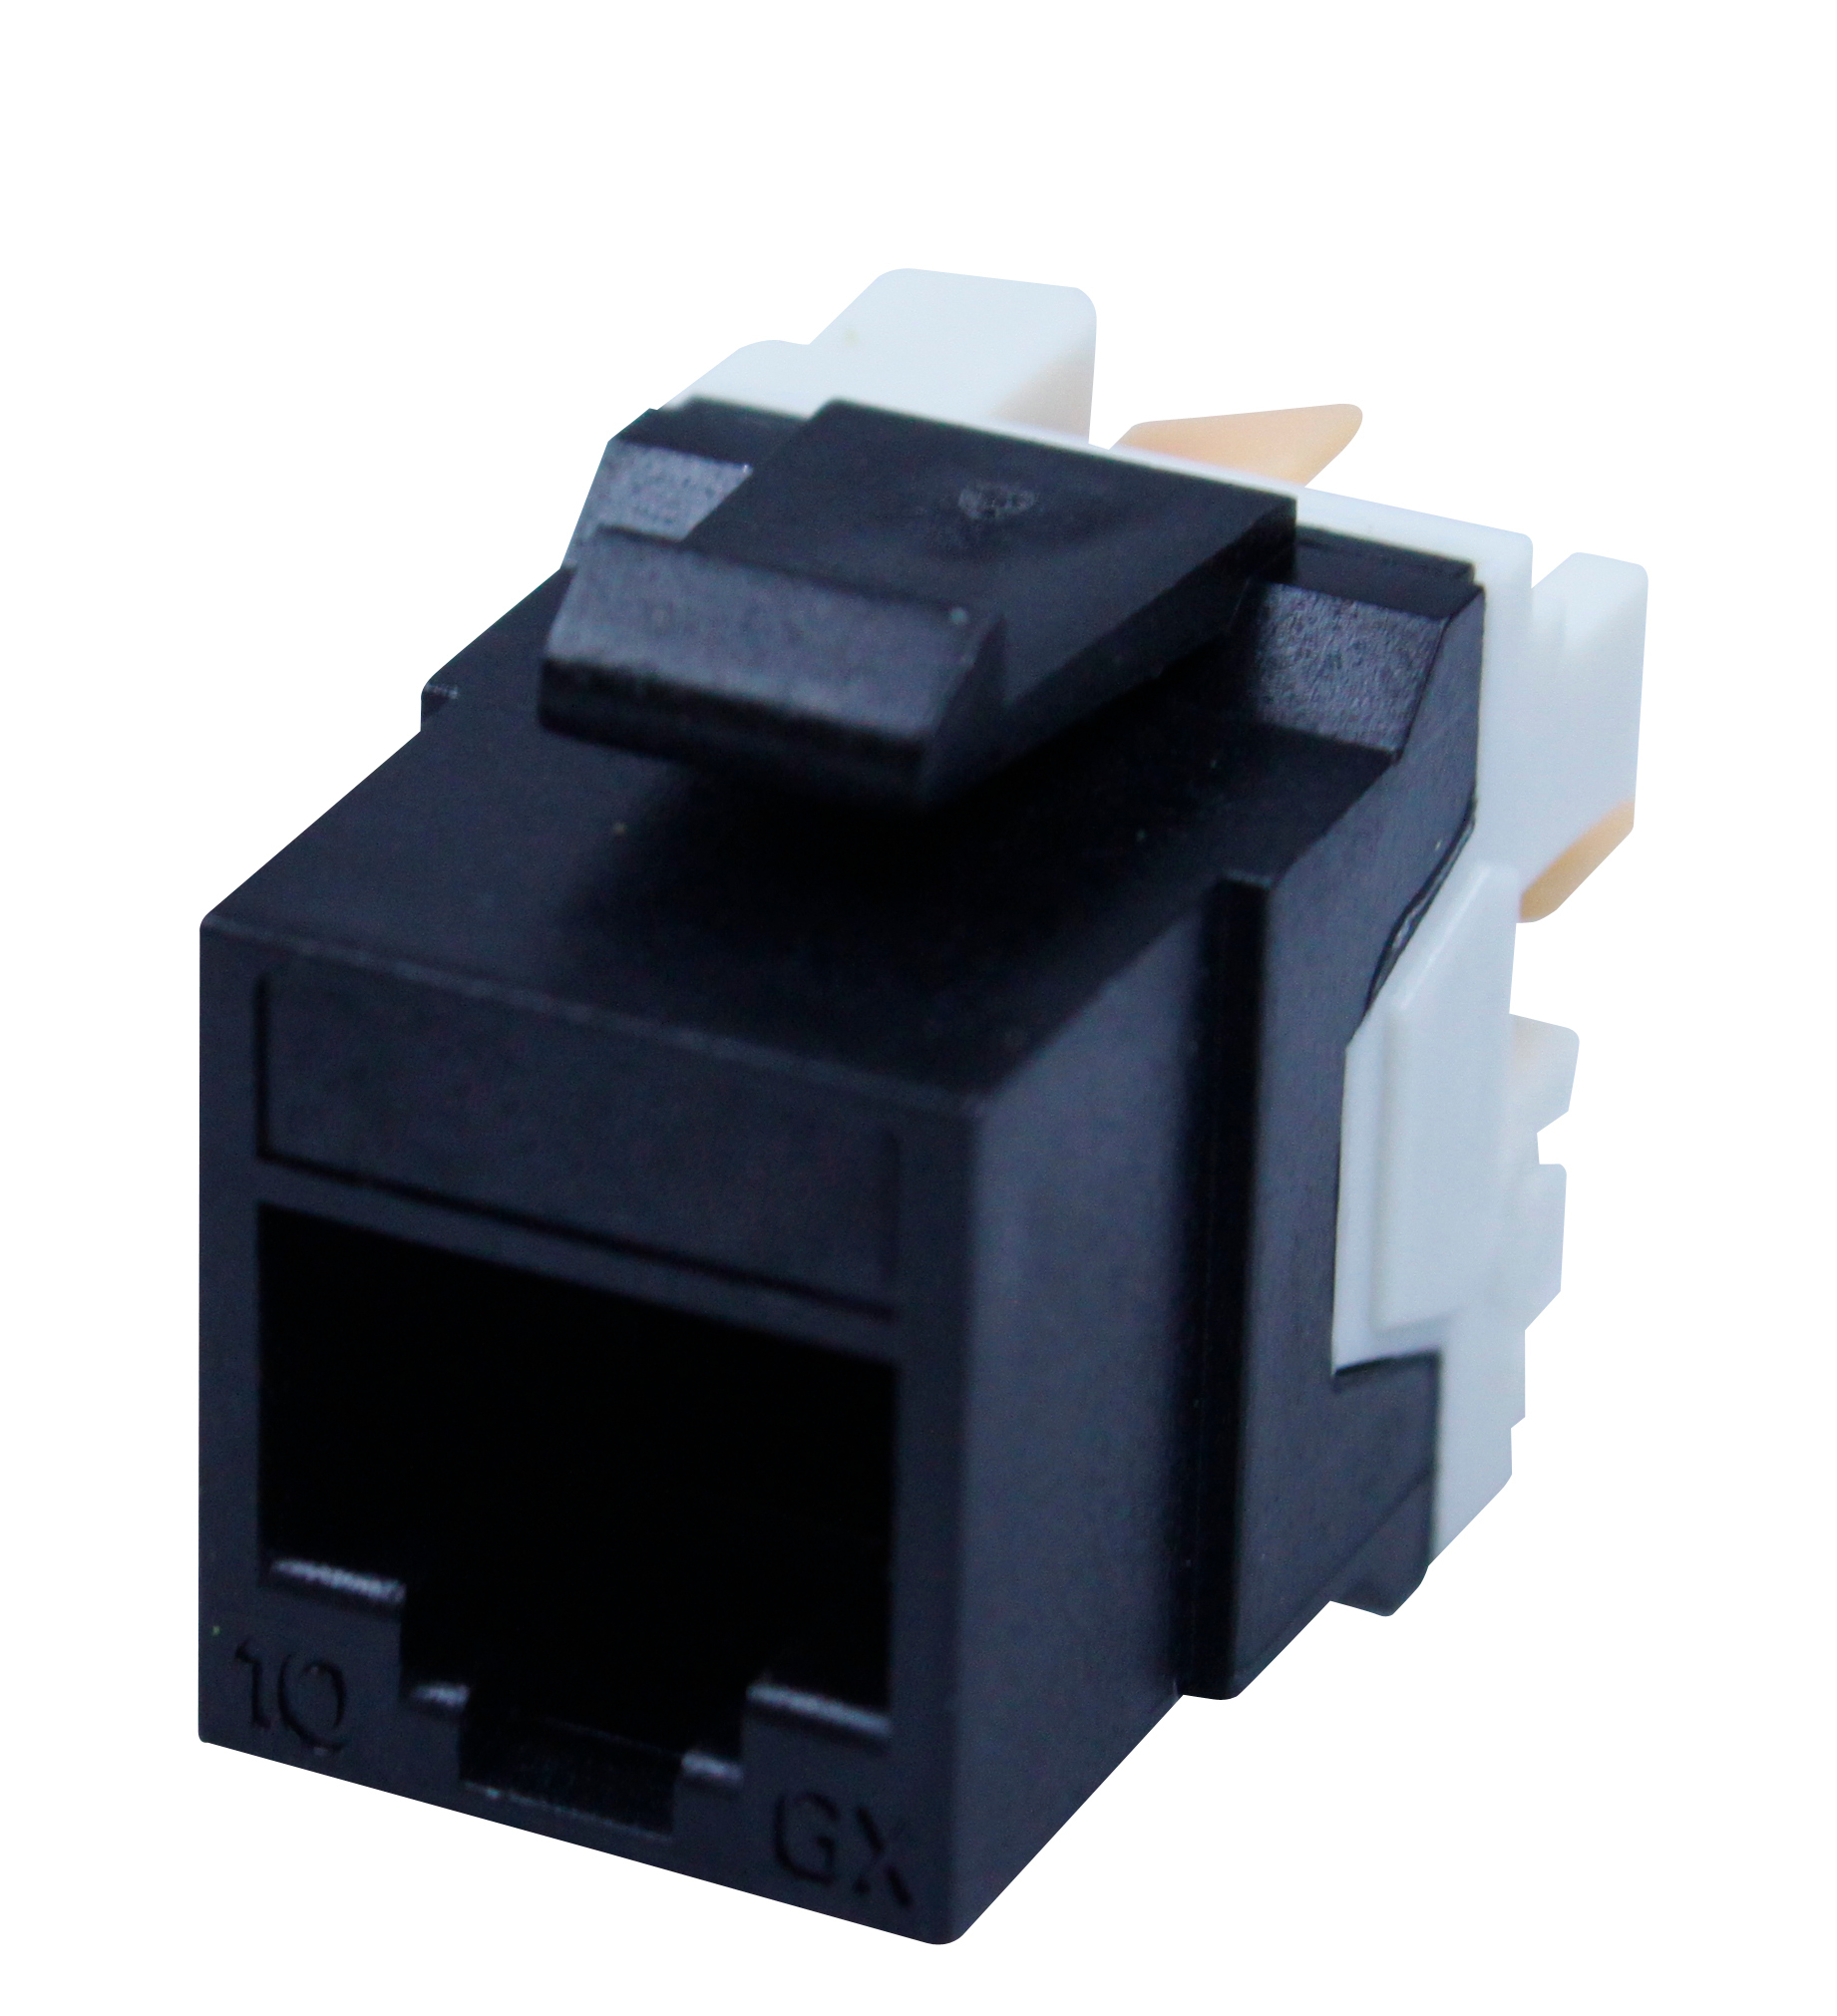 1 Stk IBDN LINE Buchse RJ45 ungeschirmt Cat.6A (SFA), schwarz HBIX102283